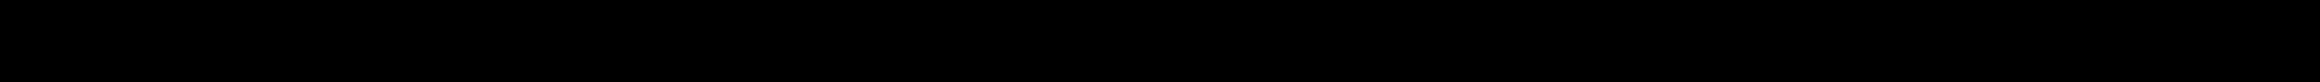 VAICO 58101-0ZA00, 581011DA00, 581011DA50, 581011DE00, 58101-2SA50 Bremsbelagsatz, Scheibenbremse